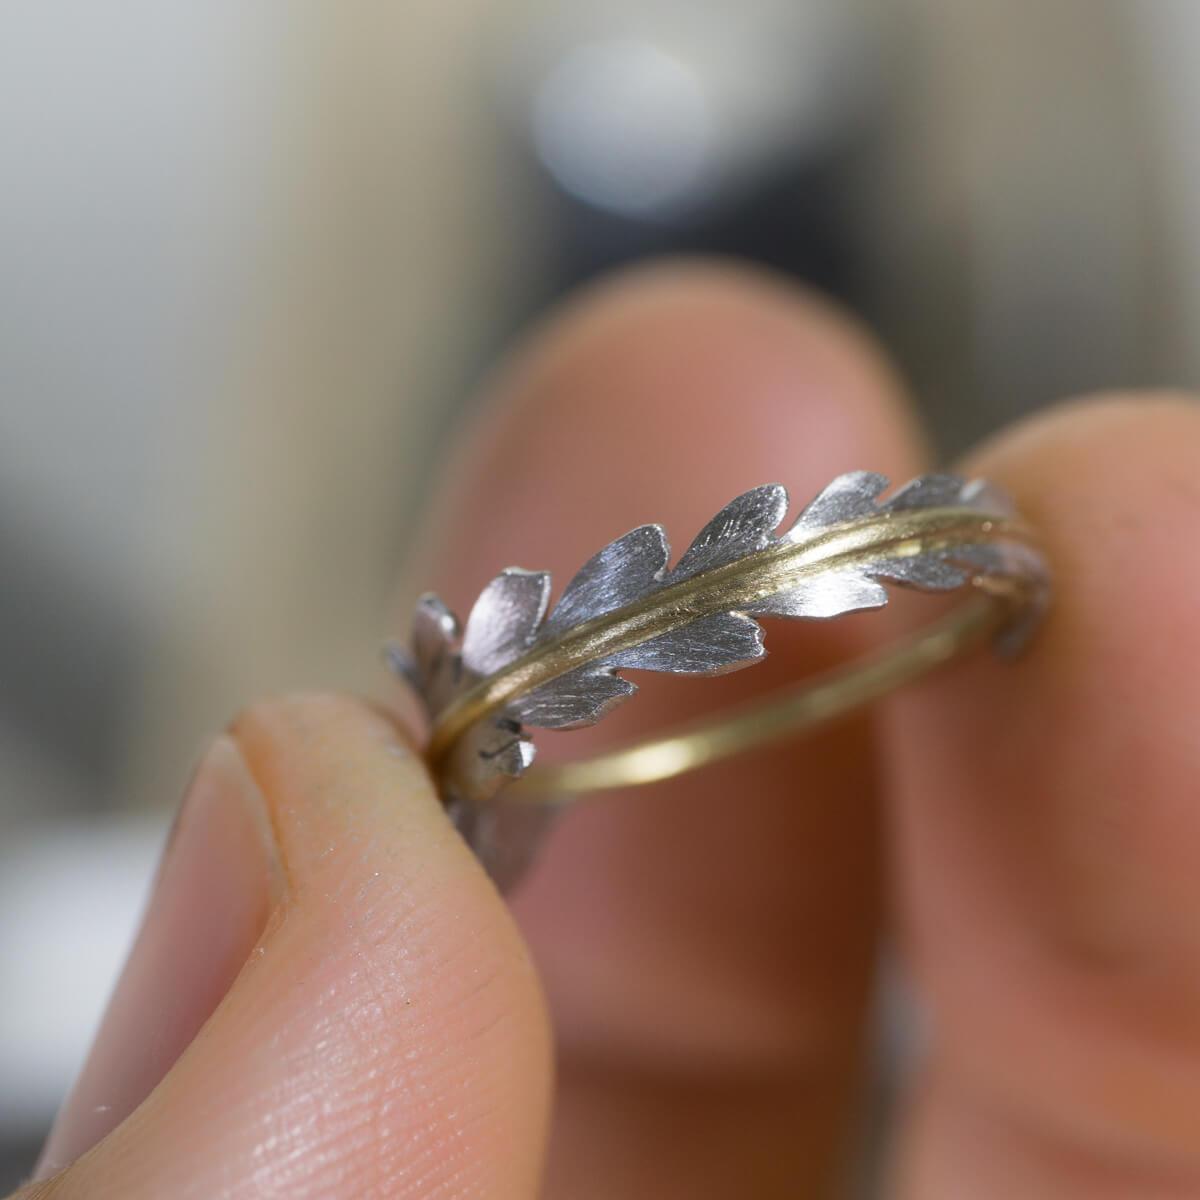 手に持って オーダーメイドエンゲージリング ジュエリーのアトリエ 屋久島のシダモチーフ ゴールド、プラチナ 屋久島でつくる婚約指輪